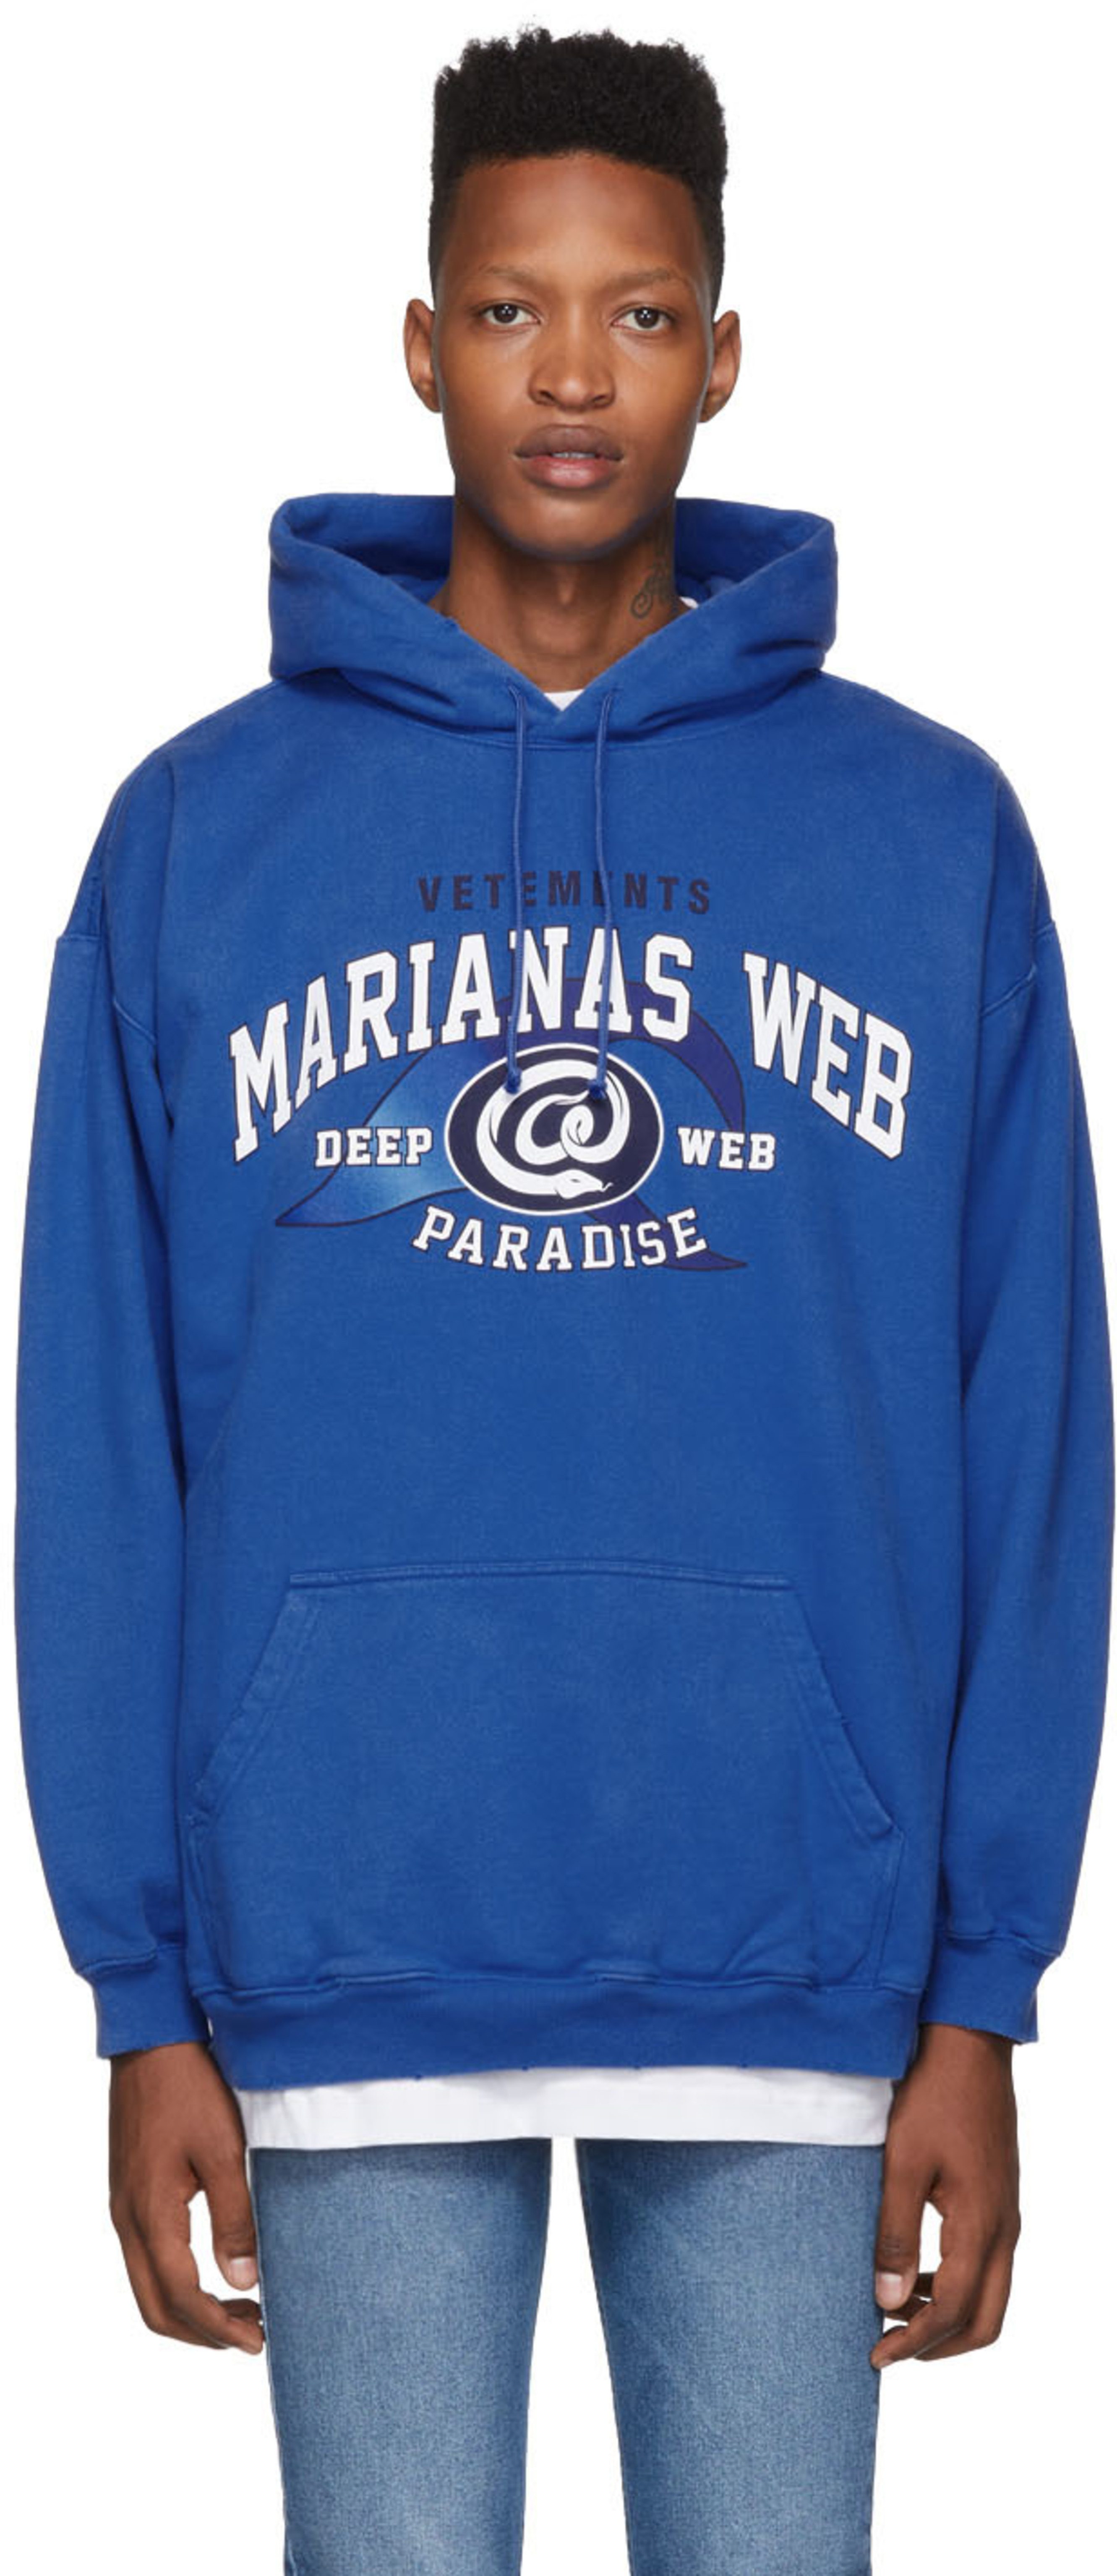 467ebf16 Blue 'Marianas Web' Hoodie